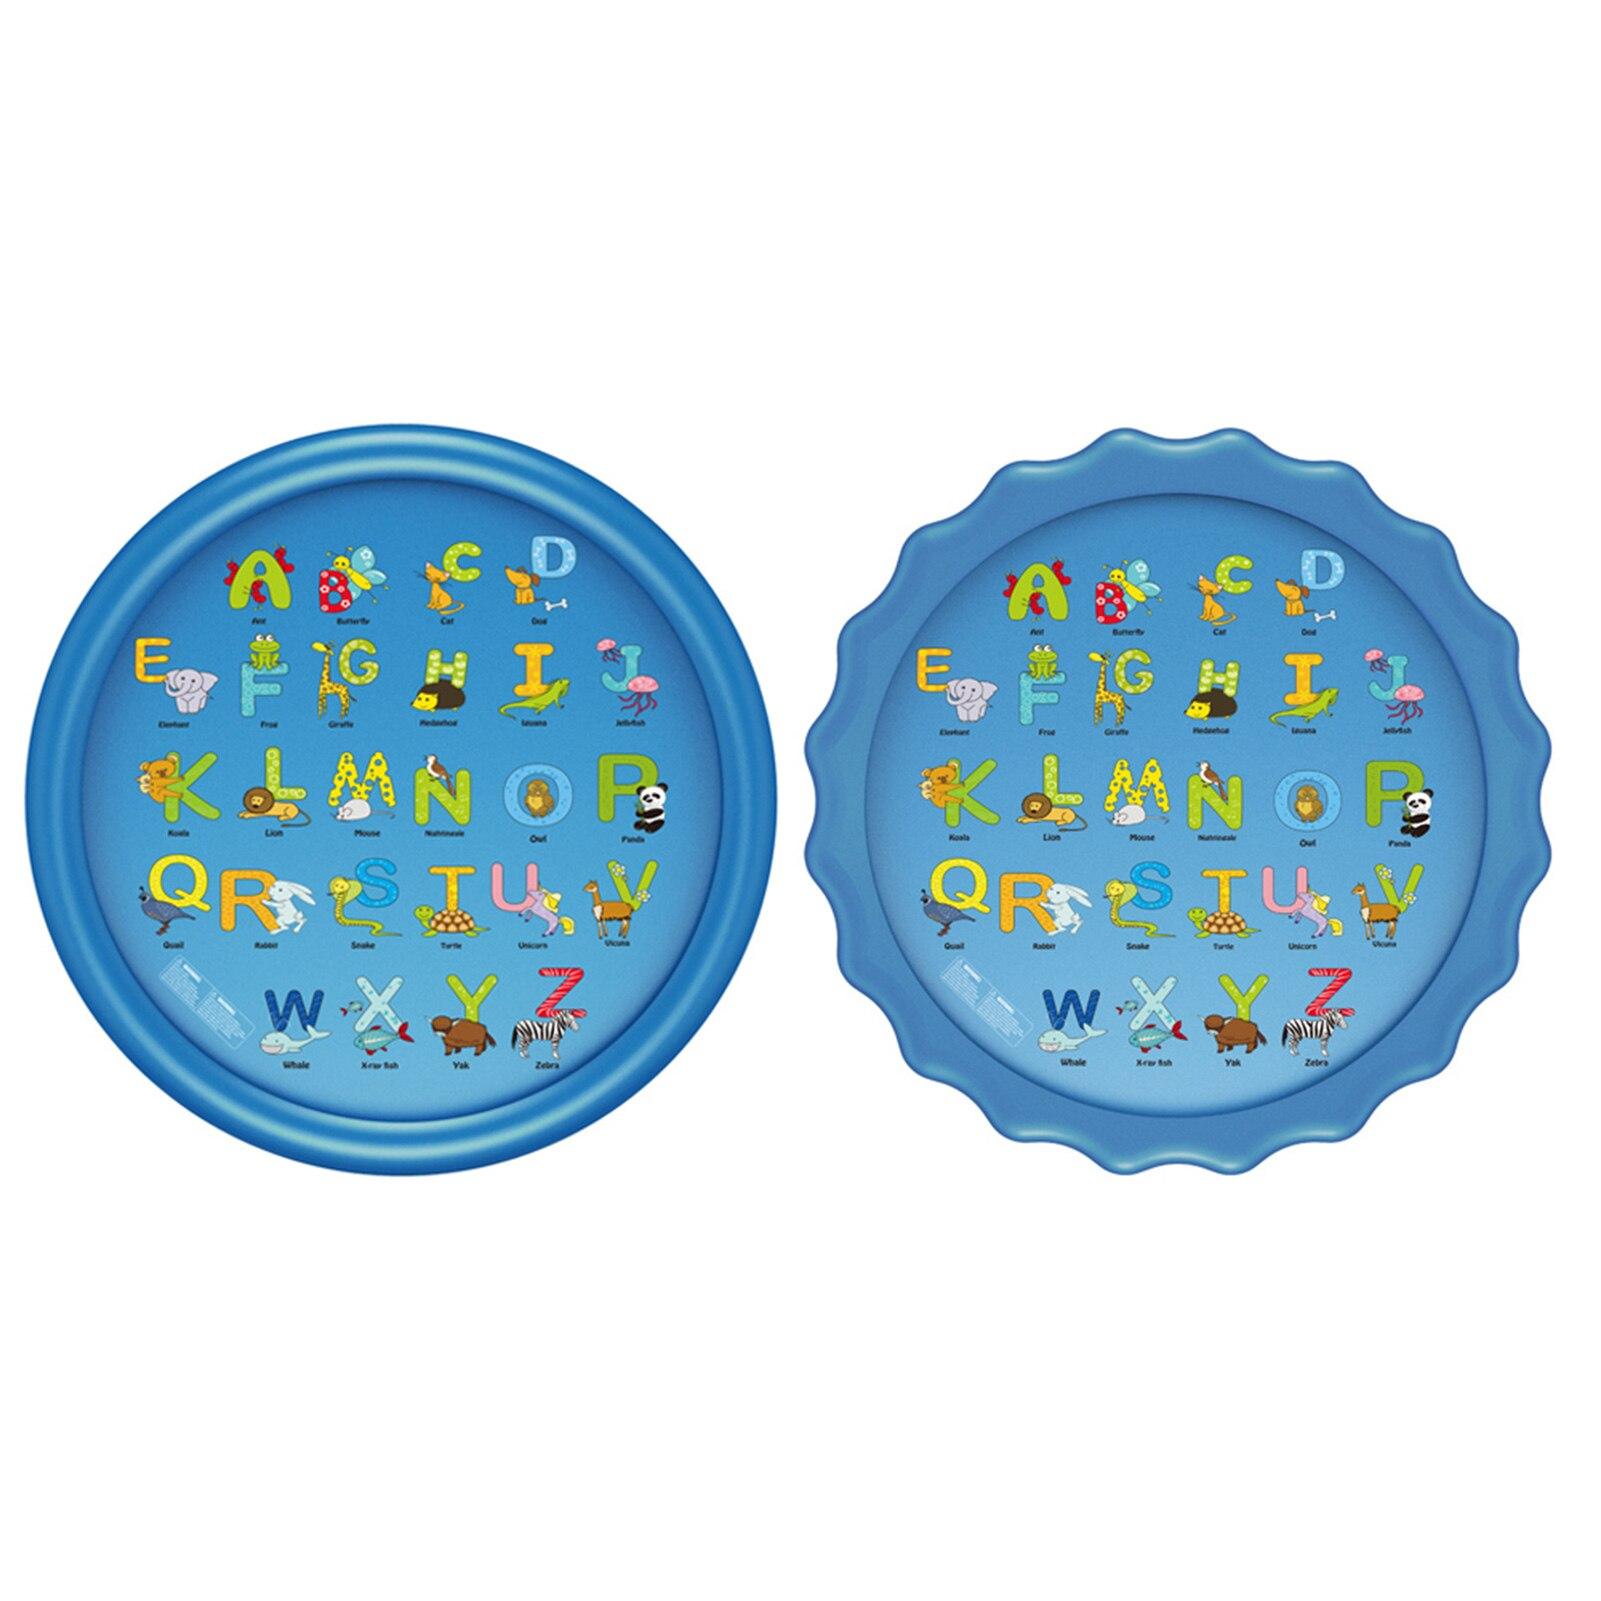 2 أنواع الاطفال نفخ رذاذ الماء وسادة مستديرة المياه سبلاش اللعب بركة اللعب الرش حصيرة ساحة في الهواء الطلق متعة أحواض سباحة